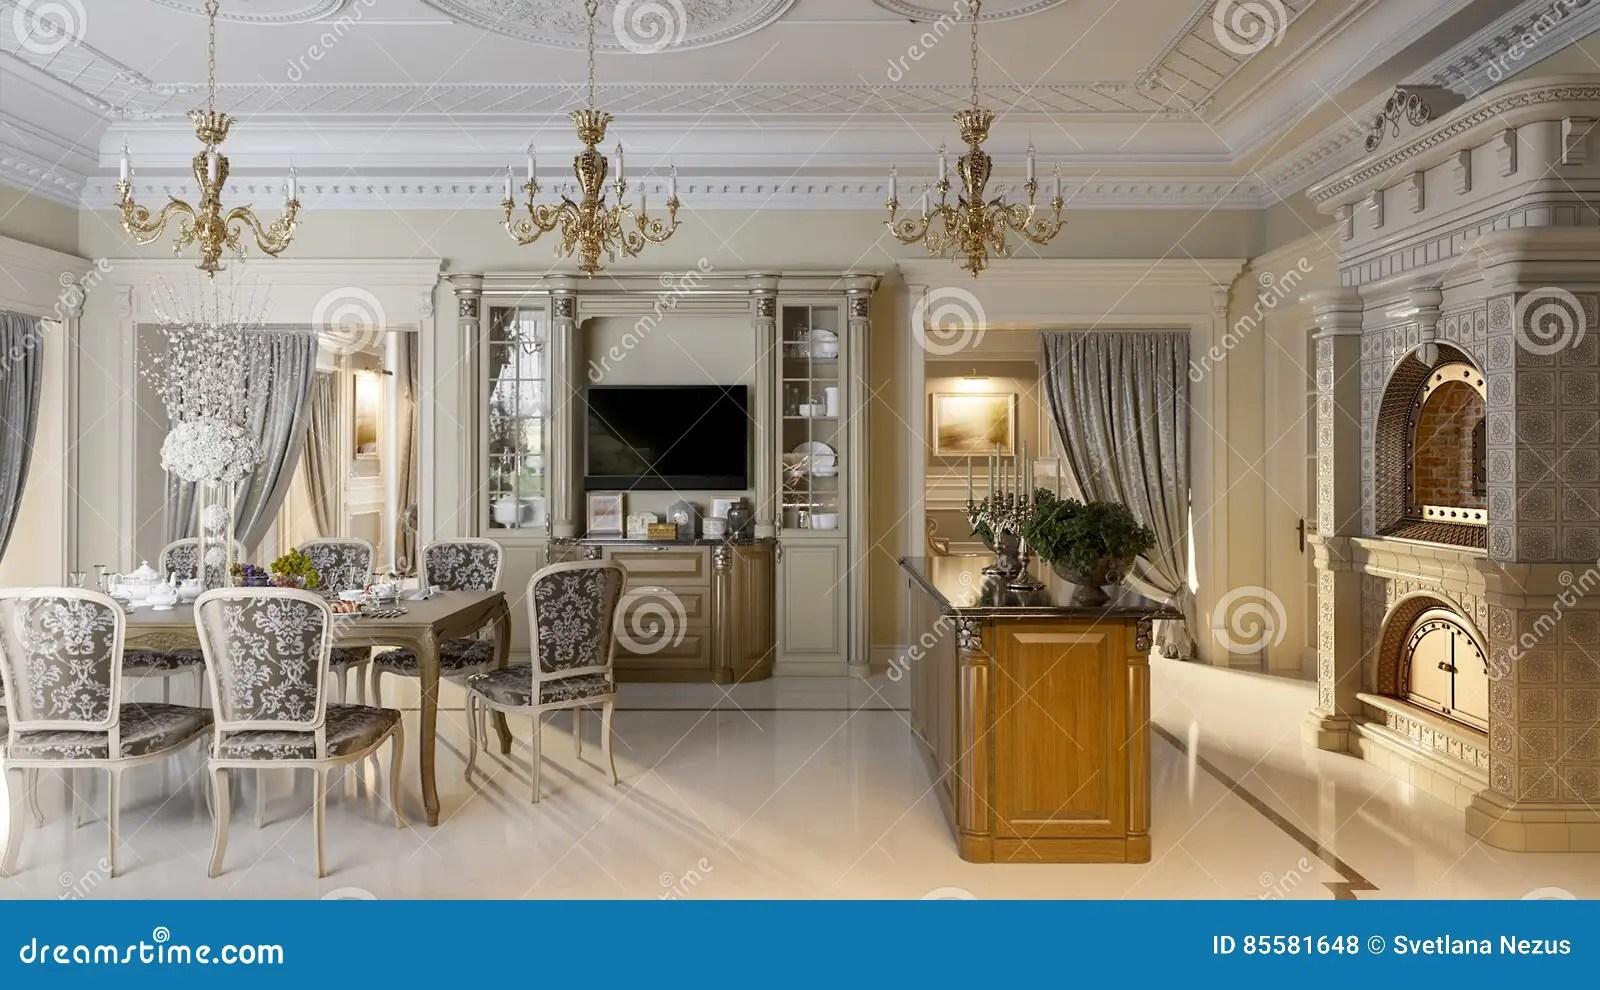 framed prints for kitchens with islands 豪华巴洛克式的厨房和餐厅库存例证 插画包括有巧克力 庄园 建筑 设计 豪华巴洛克式的厨房和餐厅